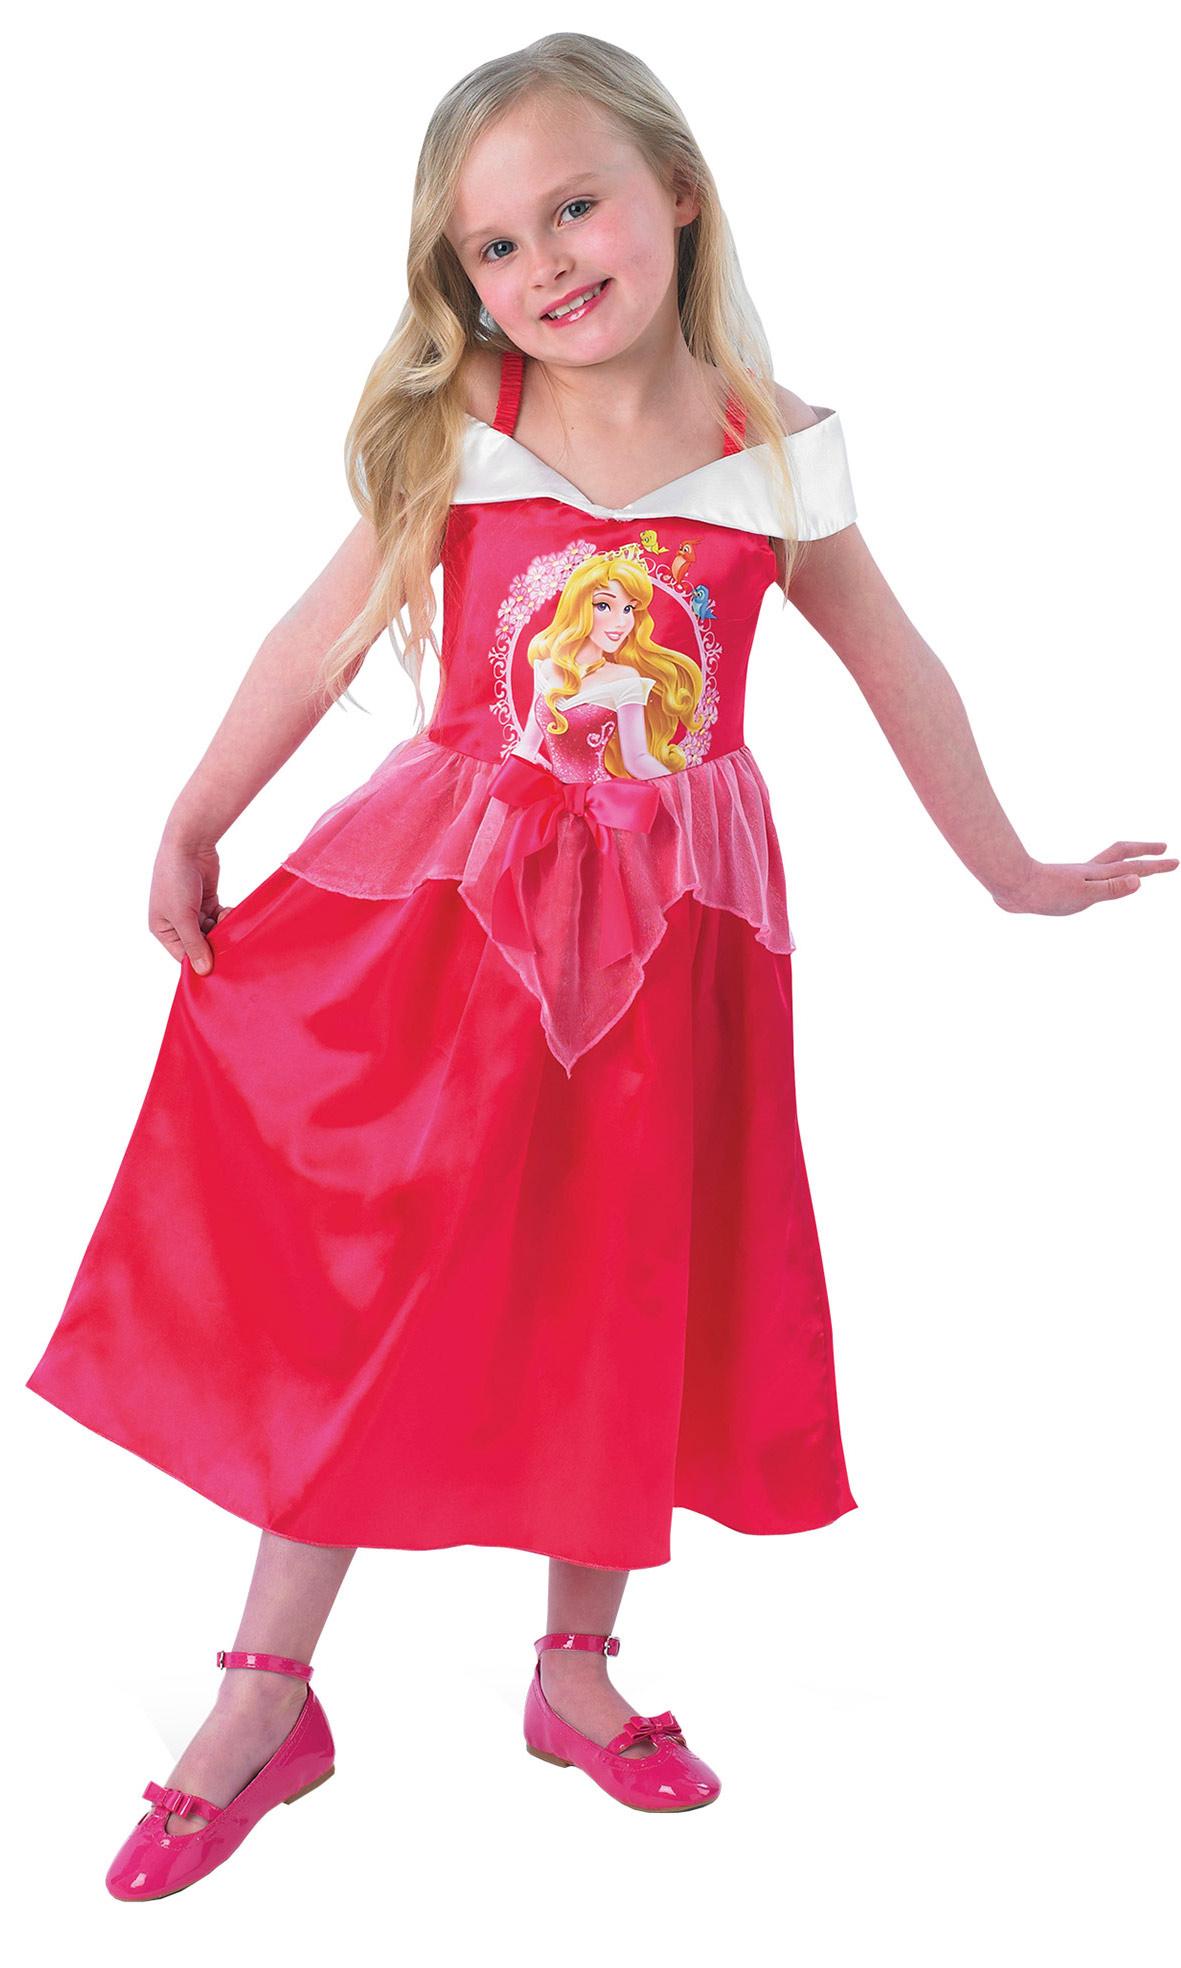 nuovo stile di vita nuove foto il più votato reale Costume da Bella Addormentata™ per bambina